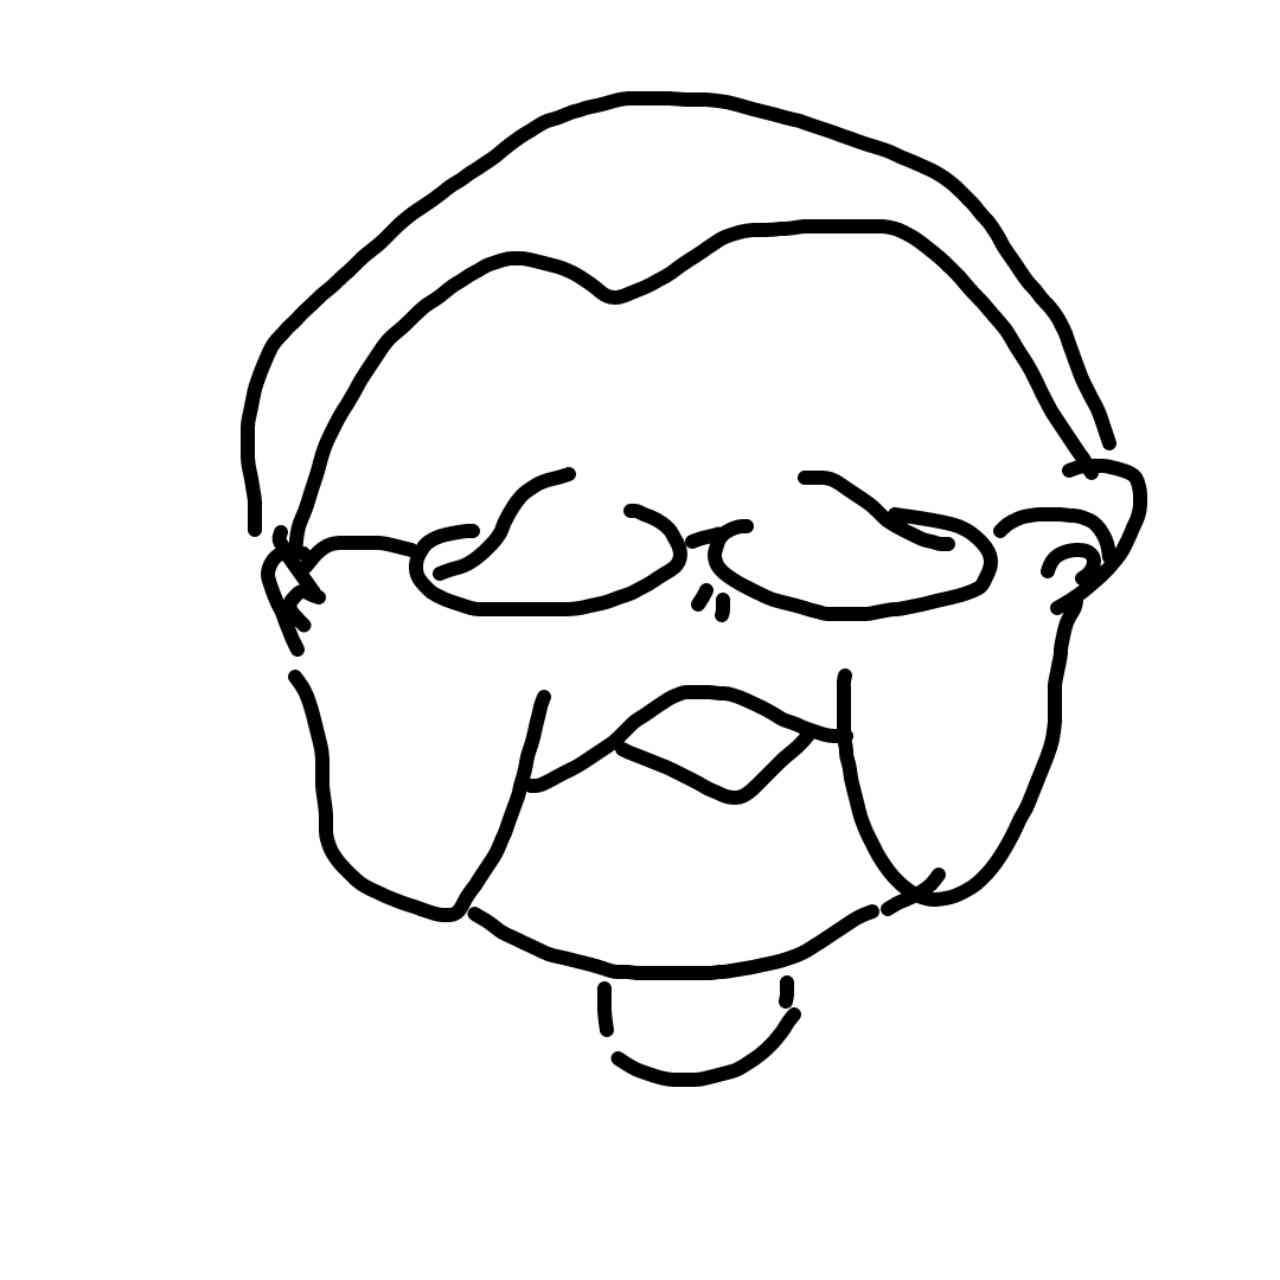 【絵トピ】誰かが出したお題の絵を描くトピ